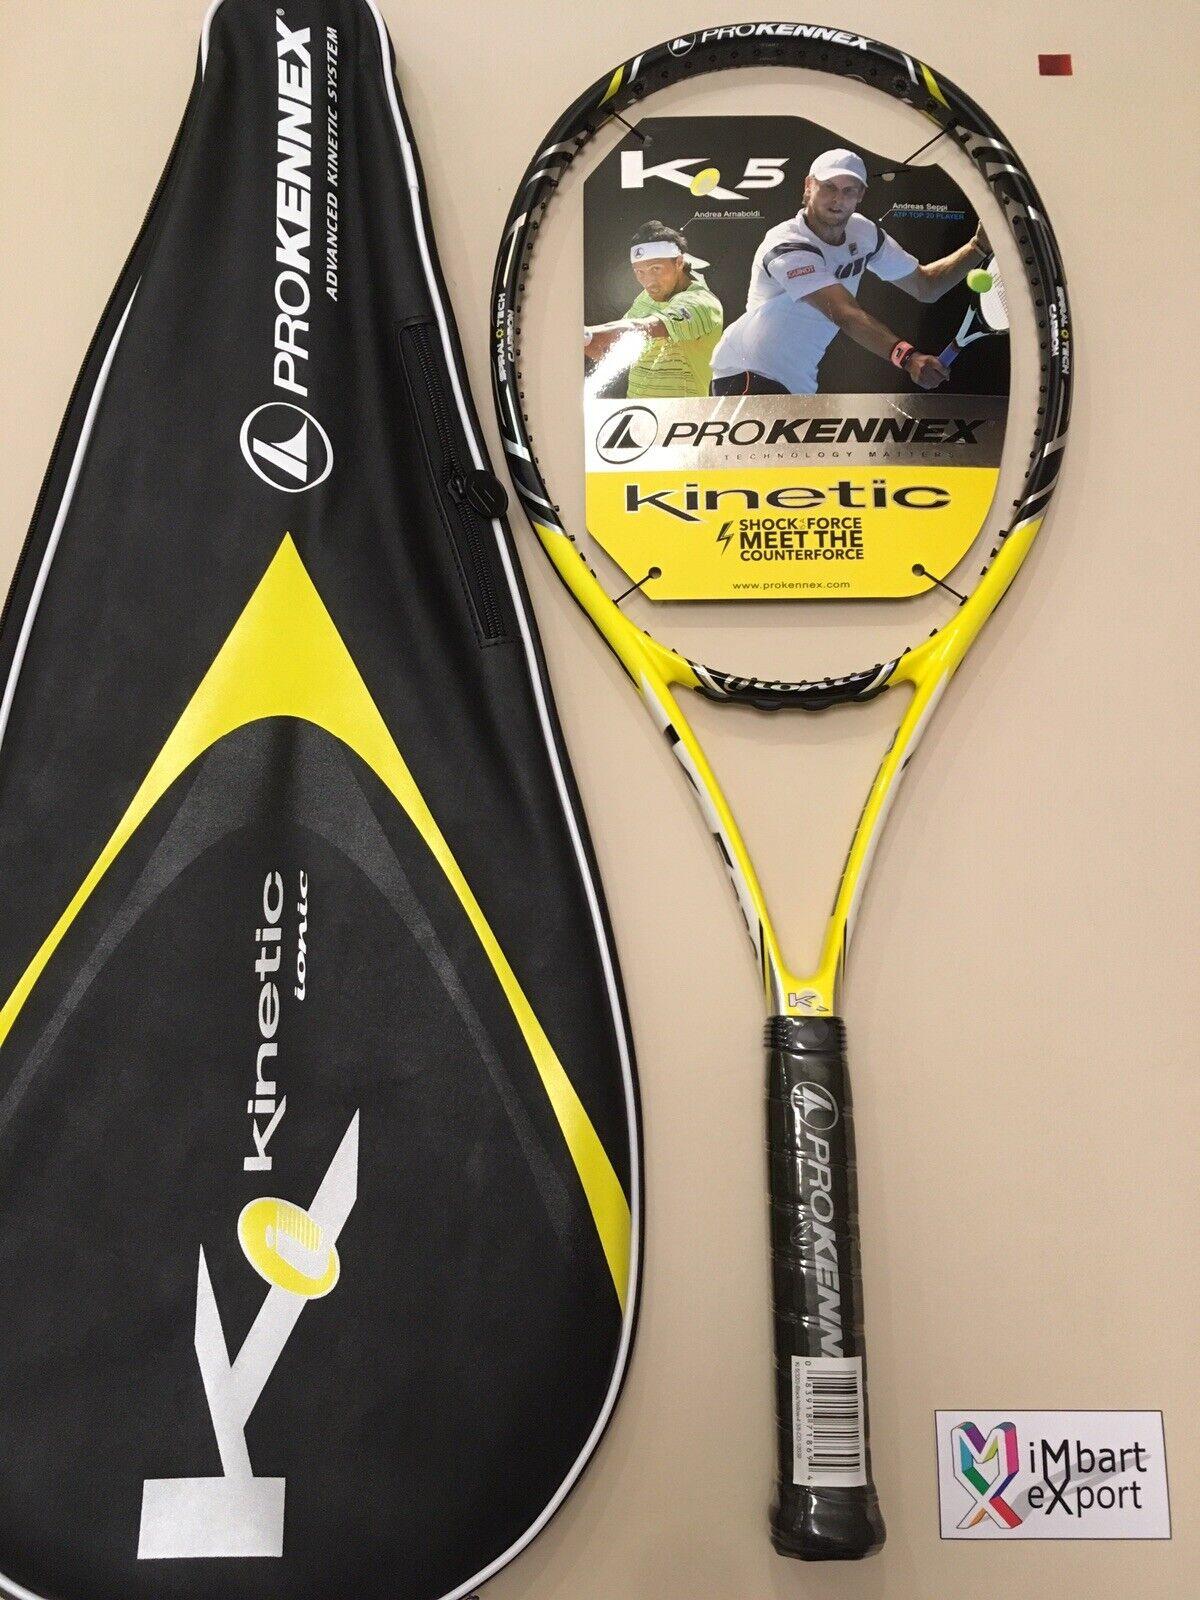 PRO KENNEX KI5 320 KINETIC 100 16x20 L3 KI 5 Telaio Racchetta Tennis Racket